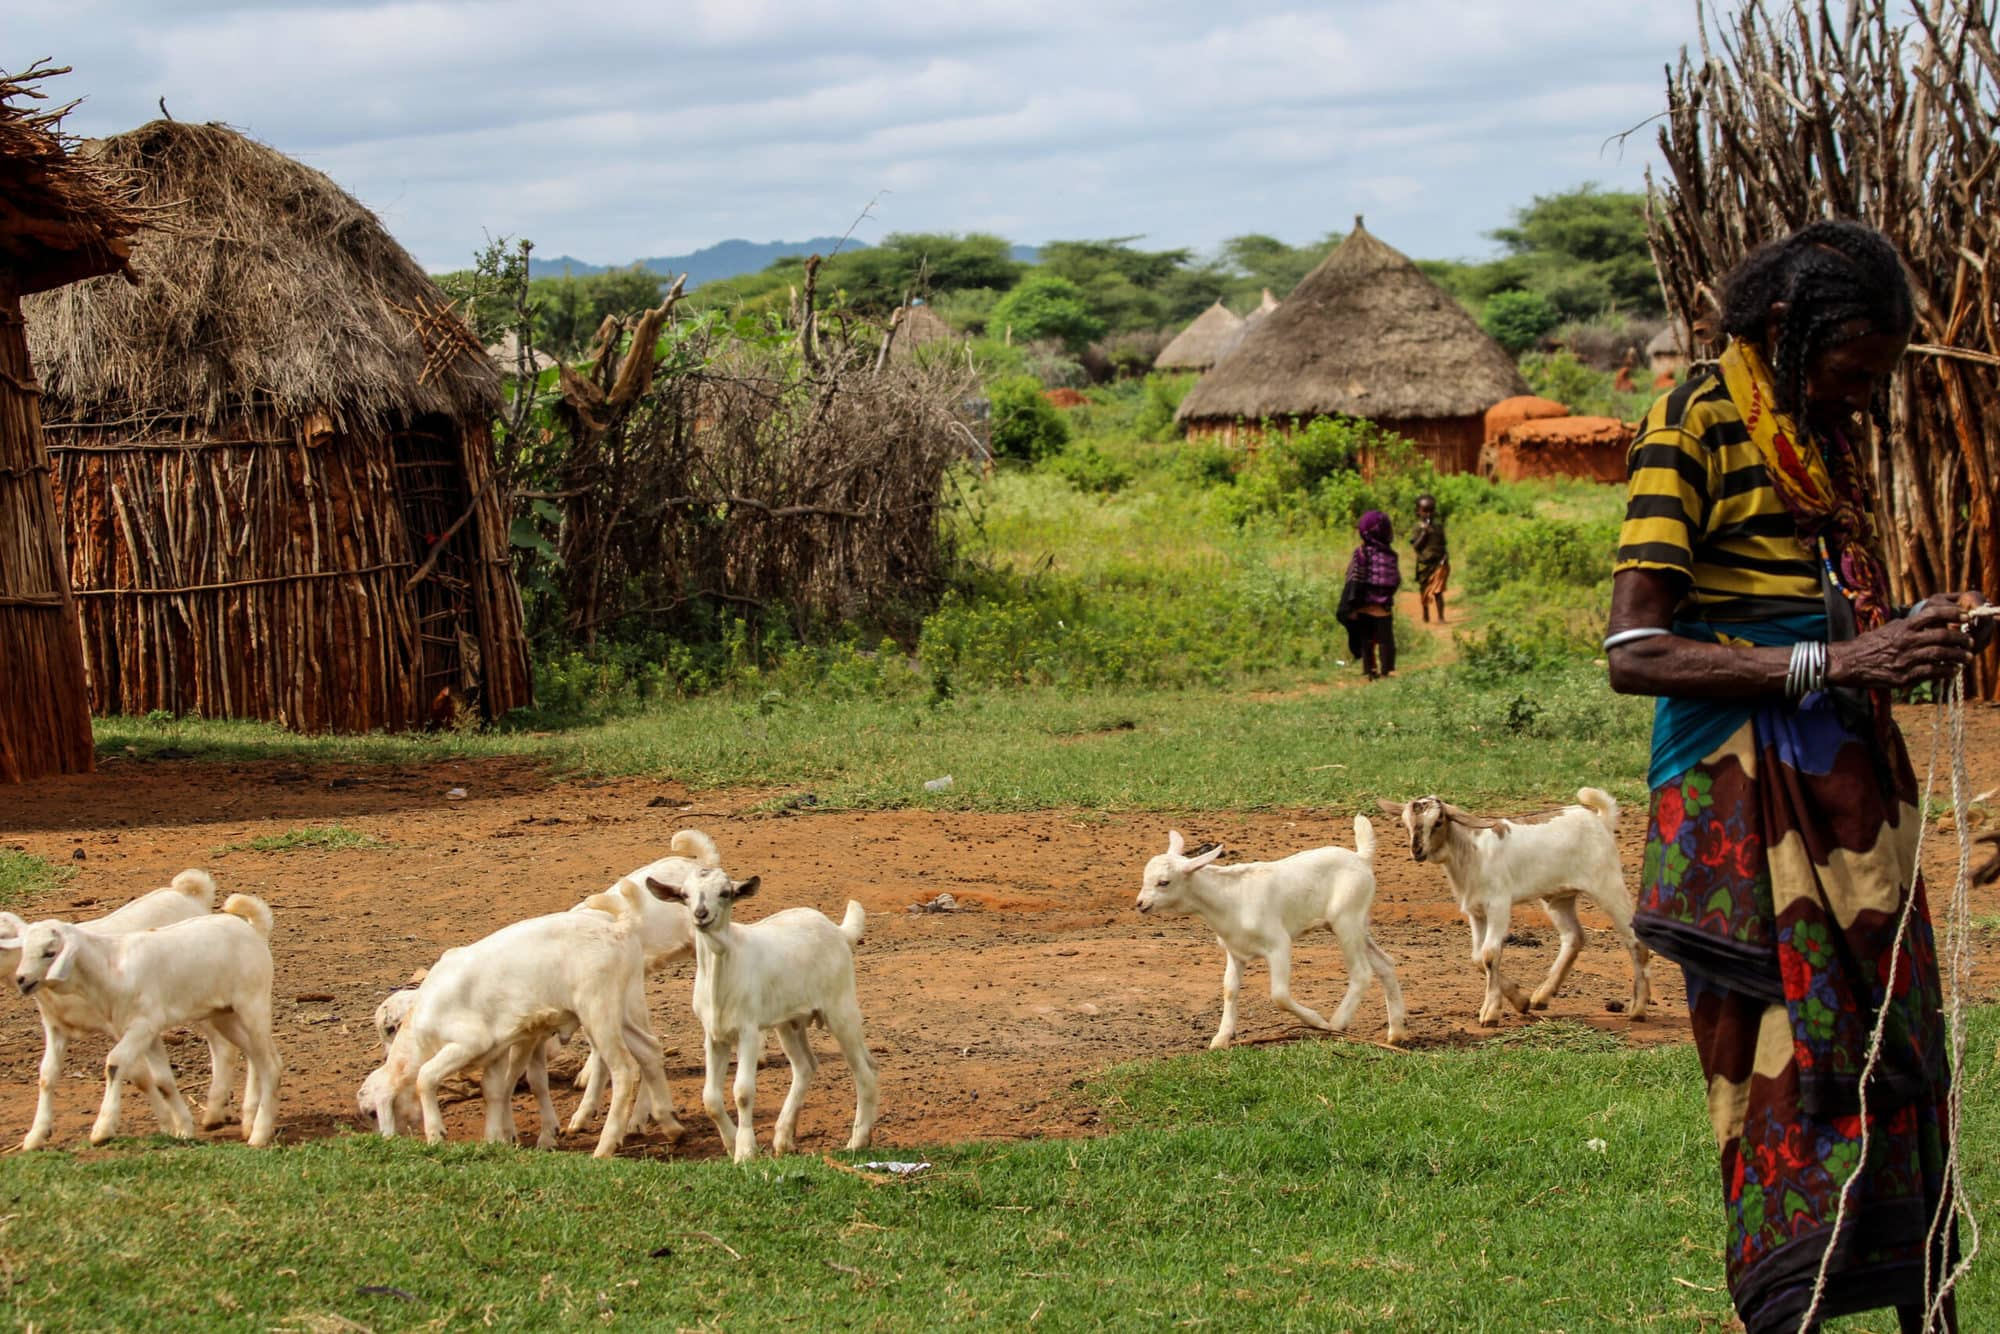 A Borana woman with her small ruminants, Yabello, Ethiopia (photo credit: ILRI/Camille Hanotte)